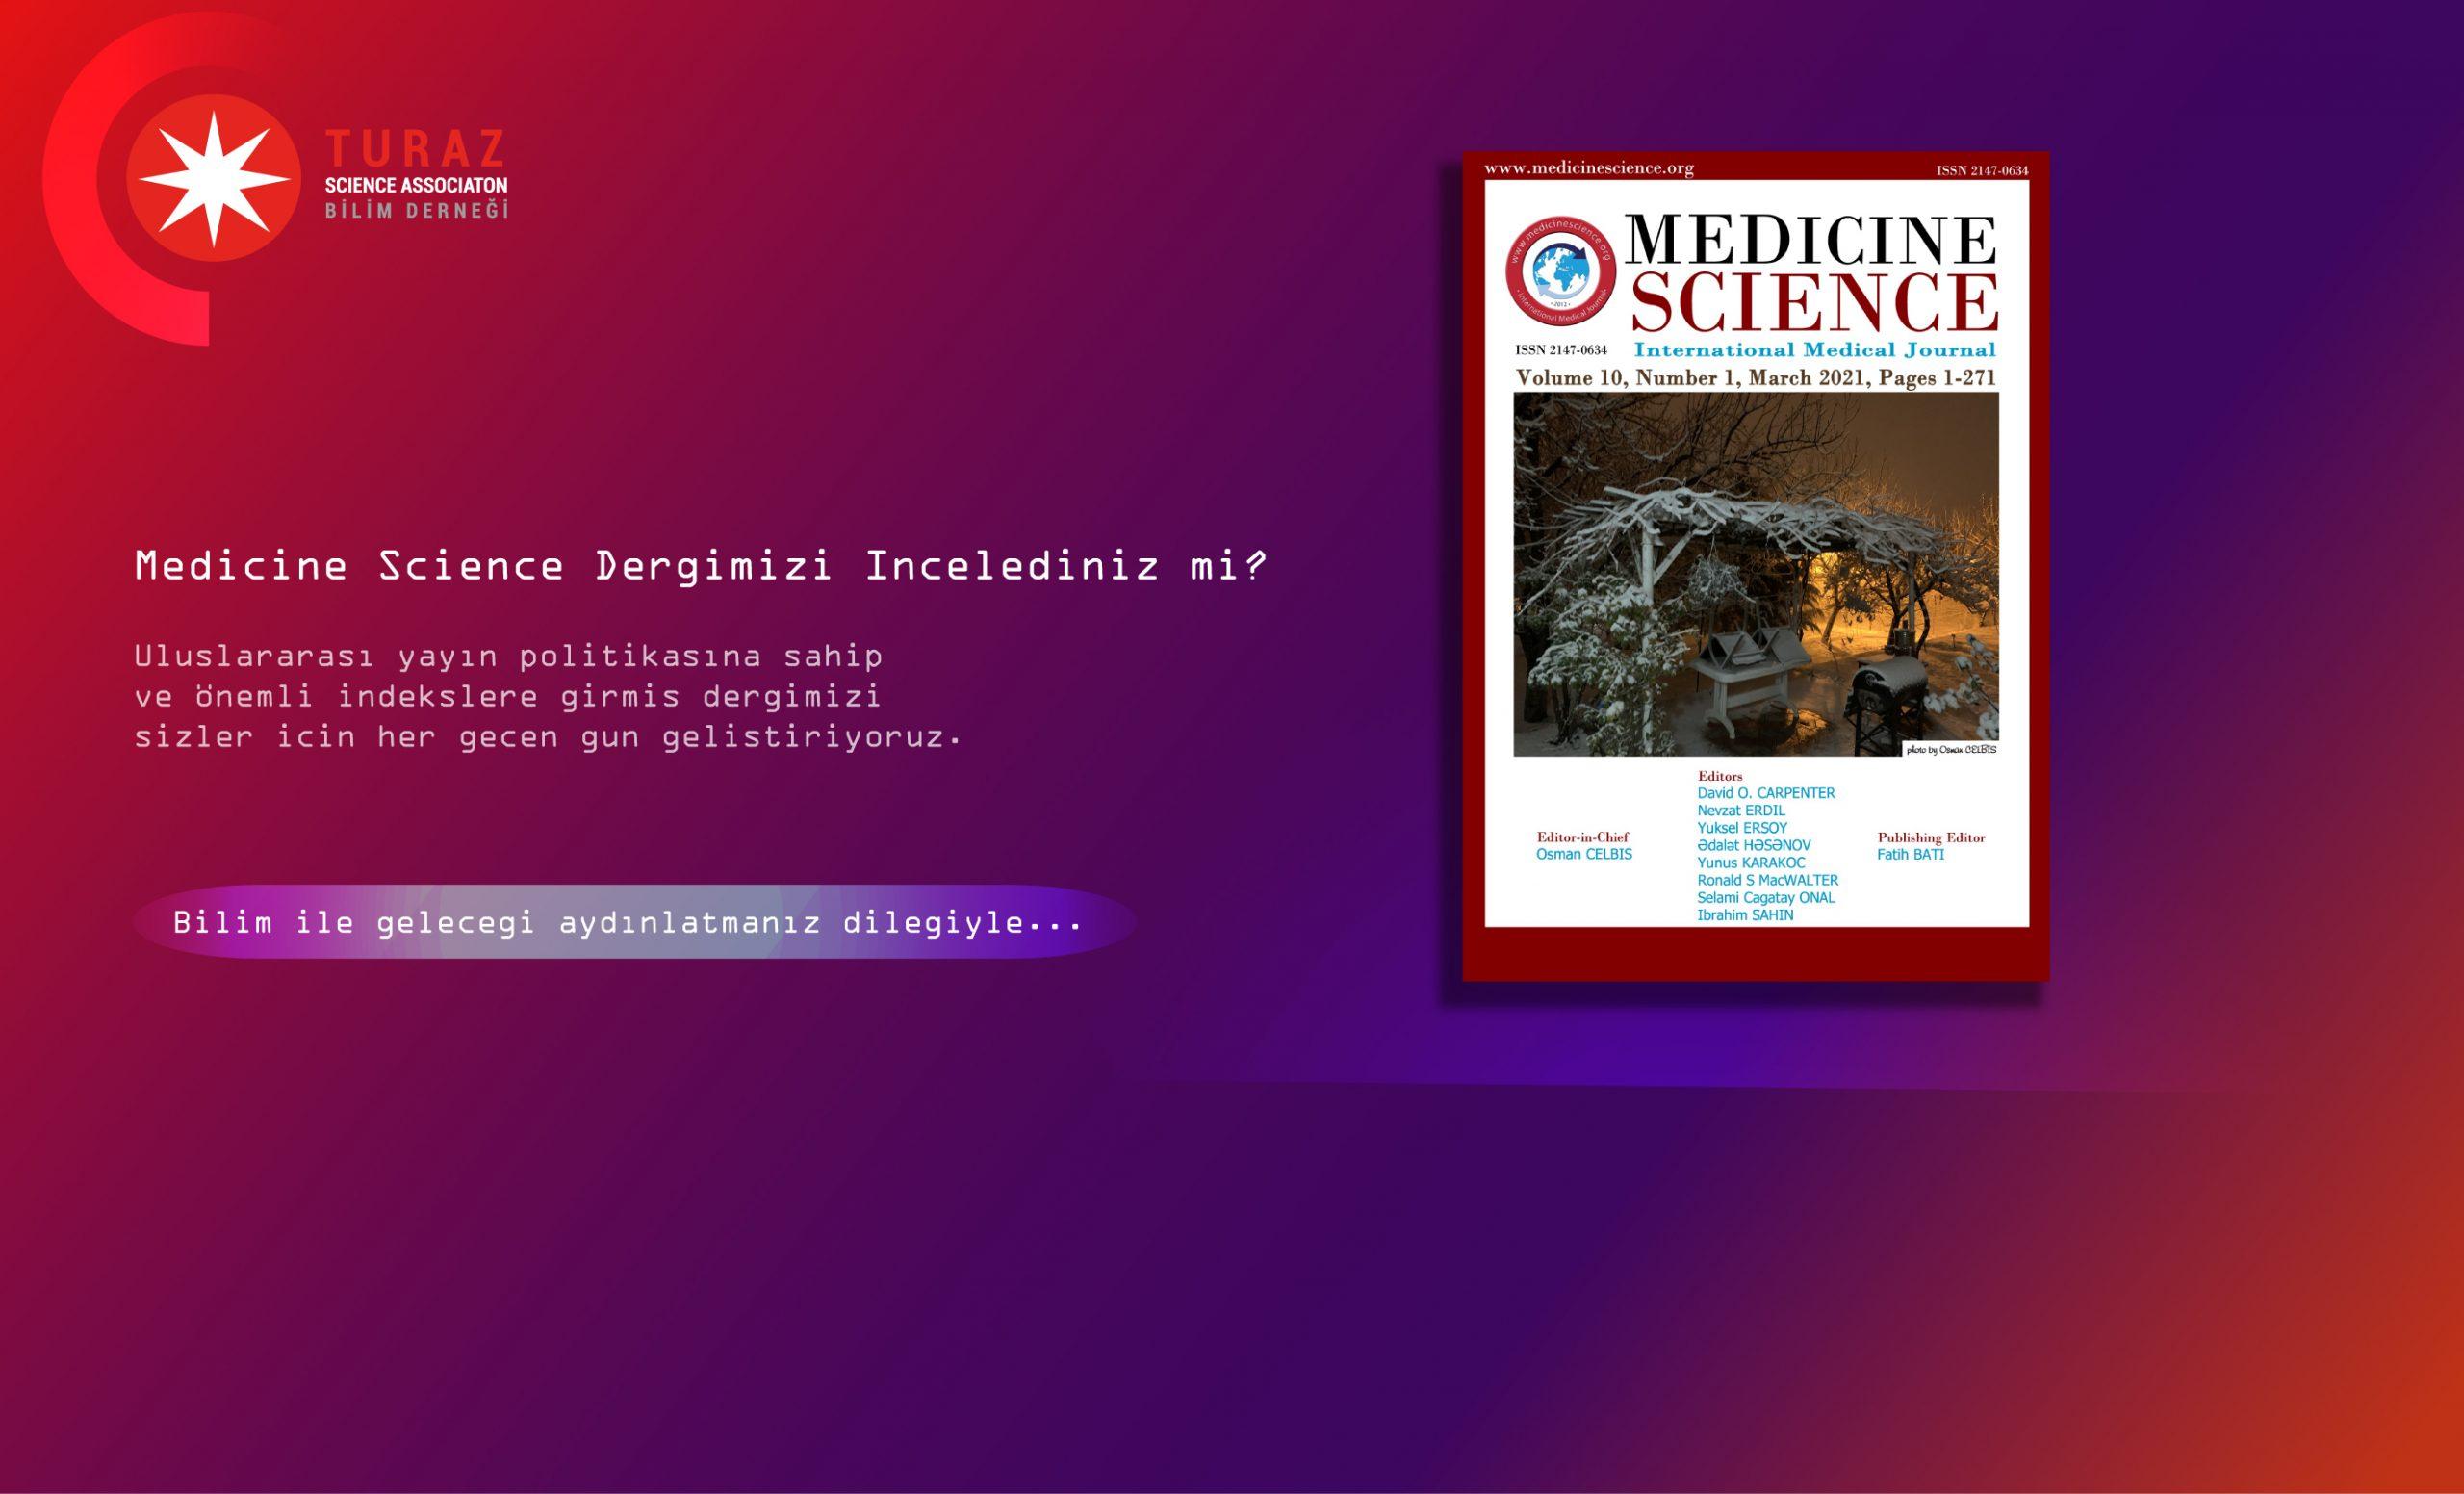 Medicine Science dergimizi incelediniz mi?